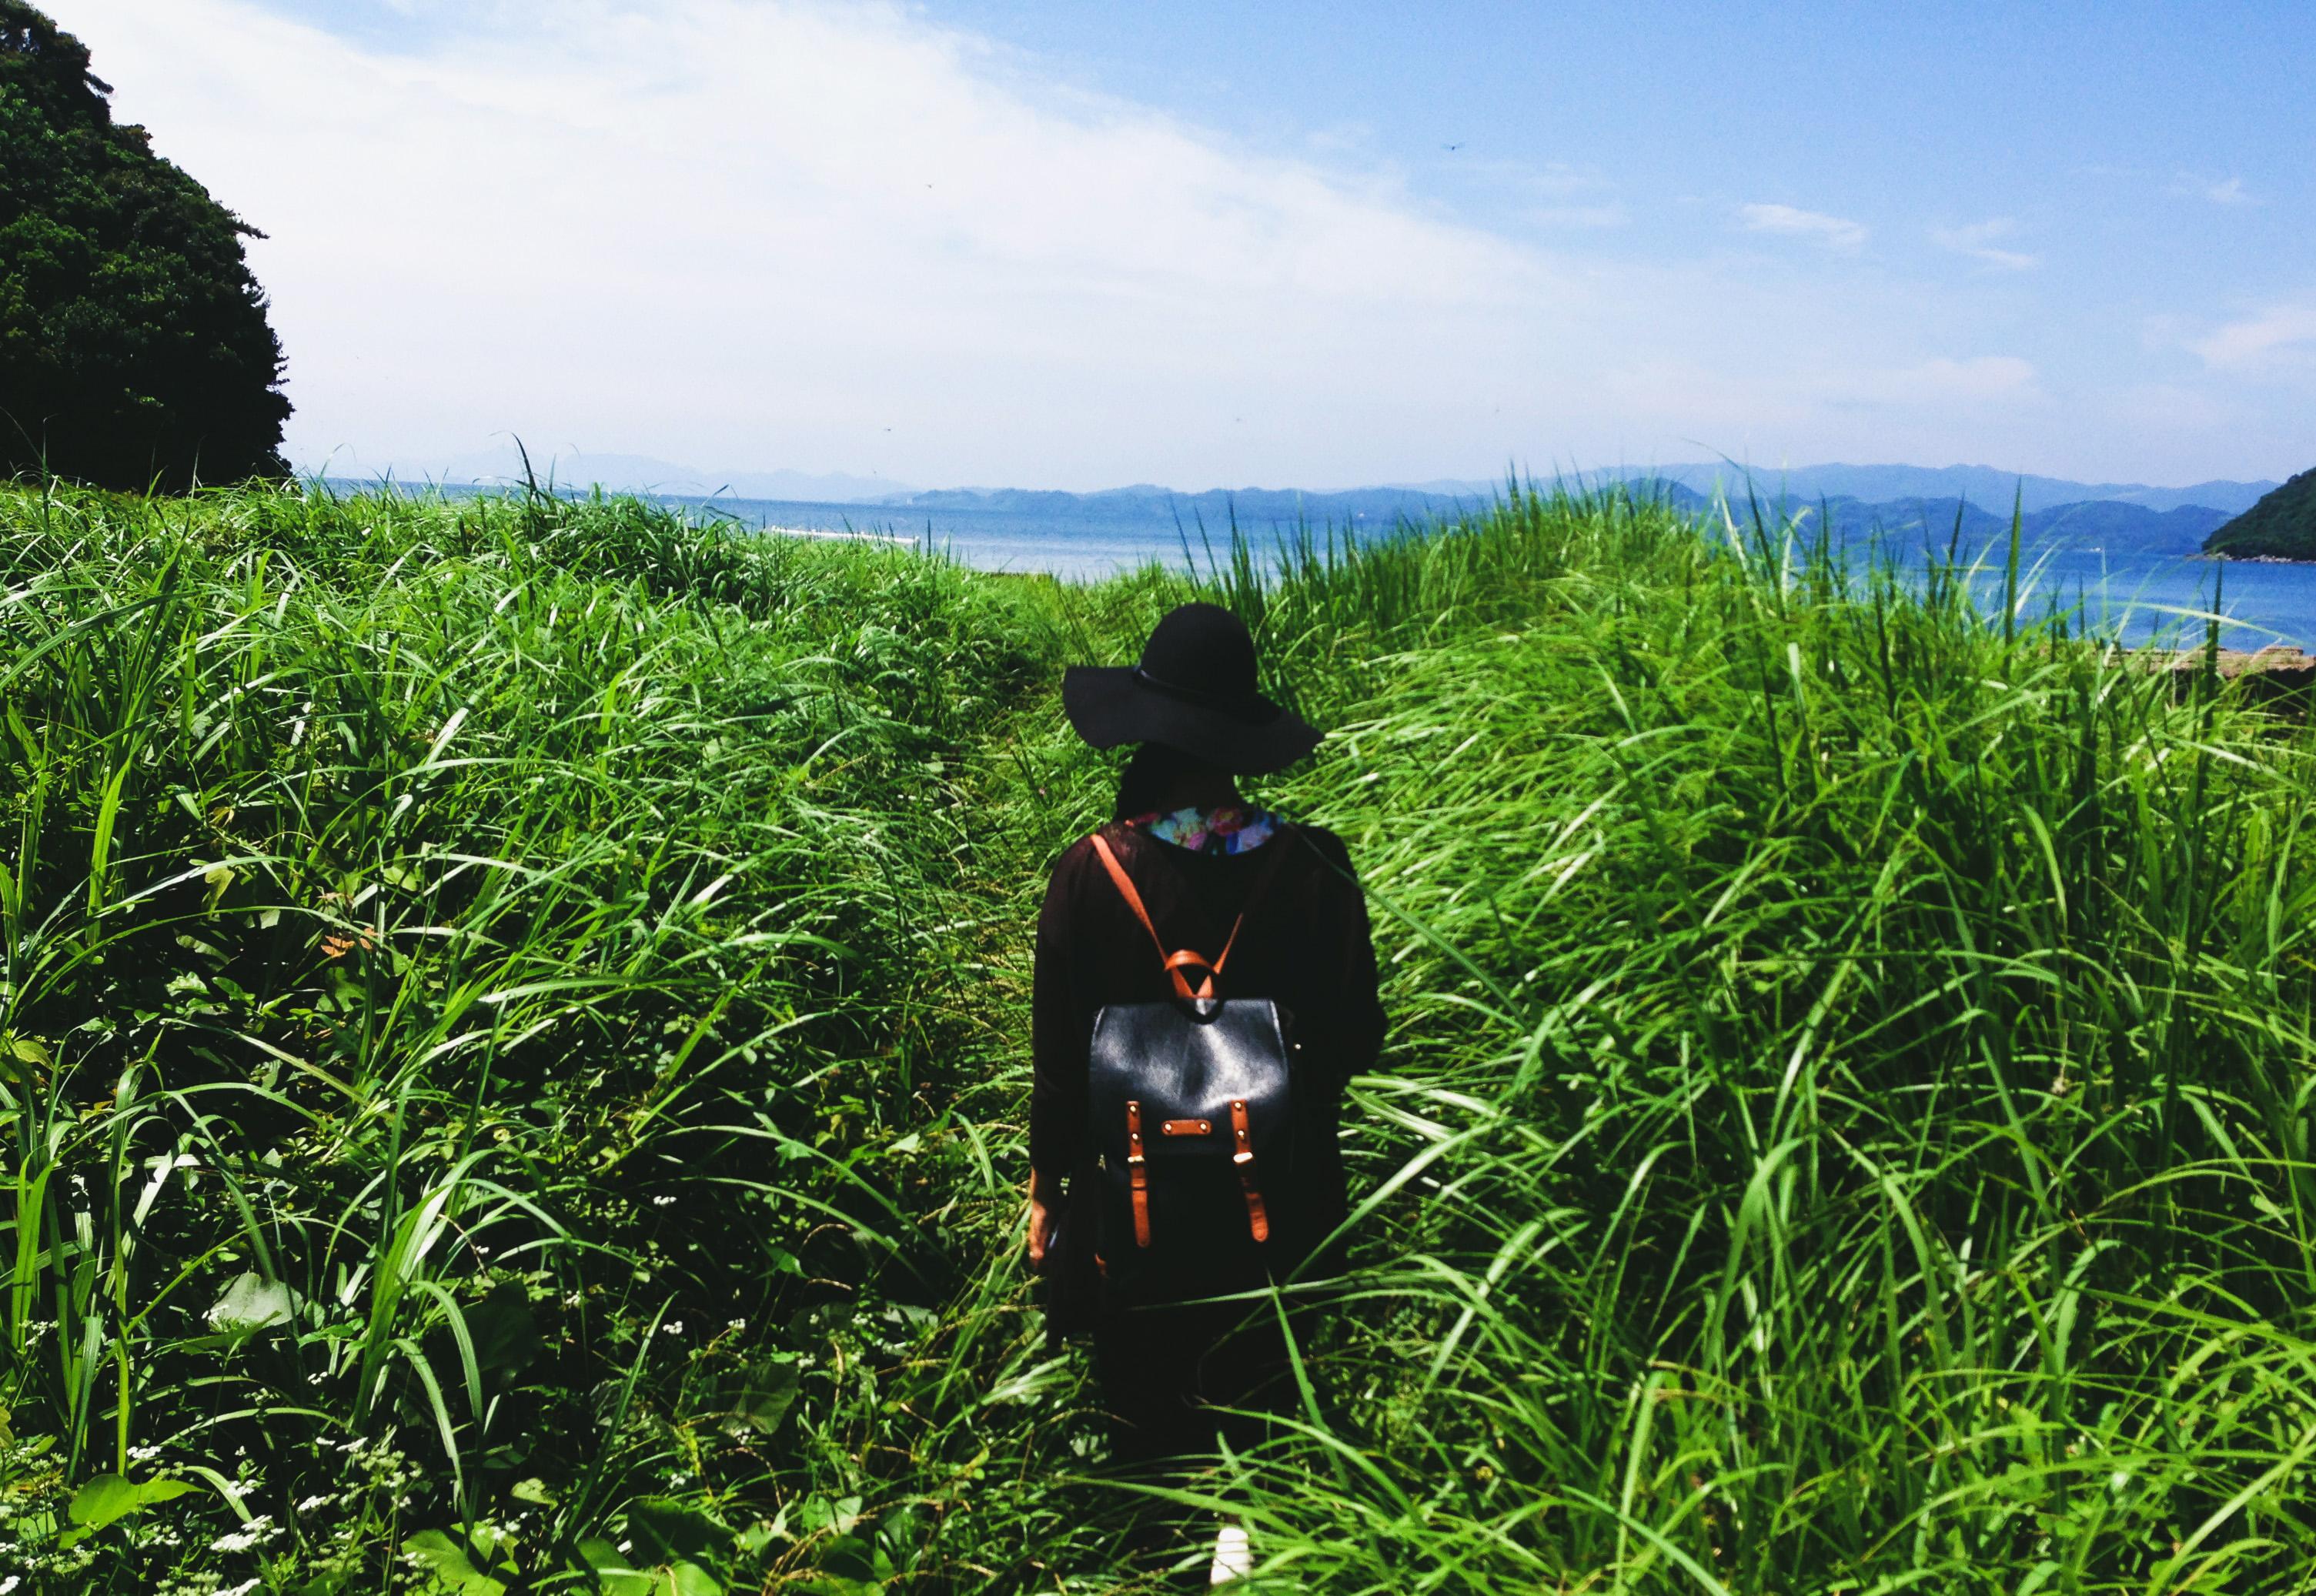 cô gái mang balo trên đồng cỏ